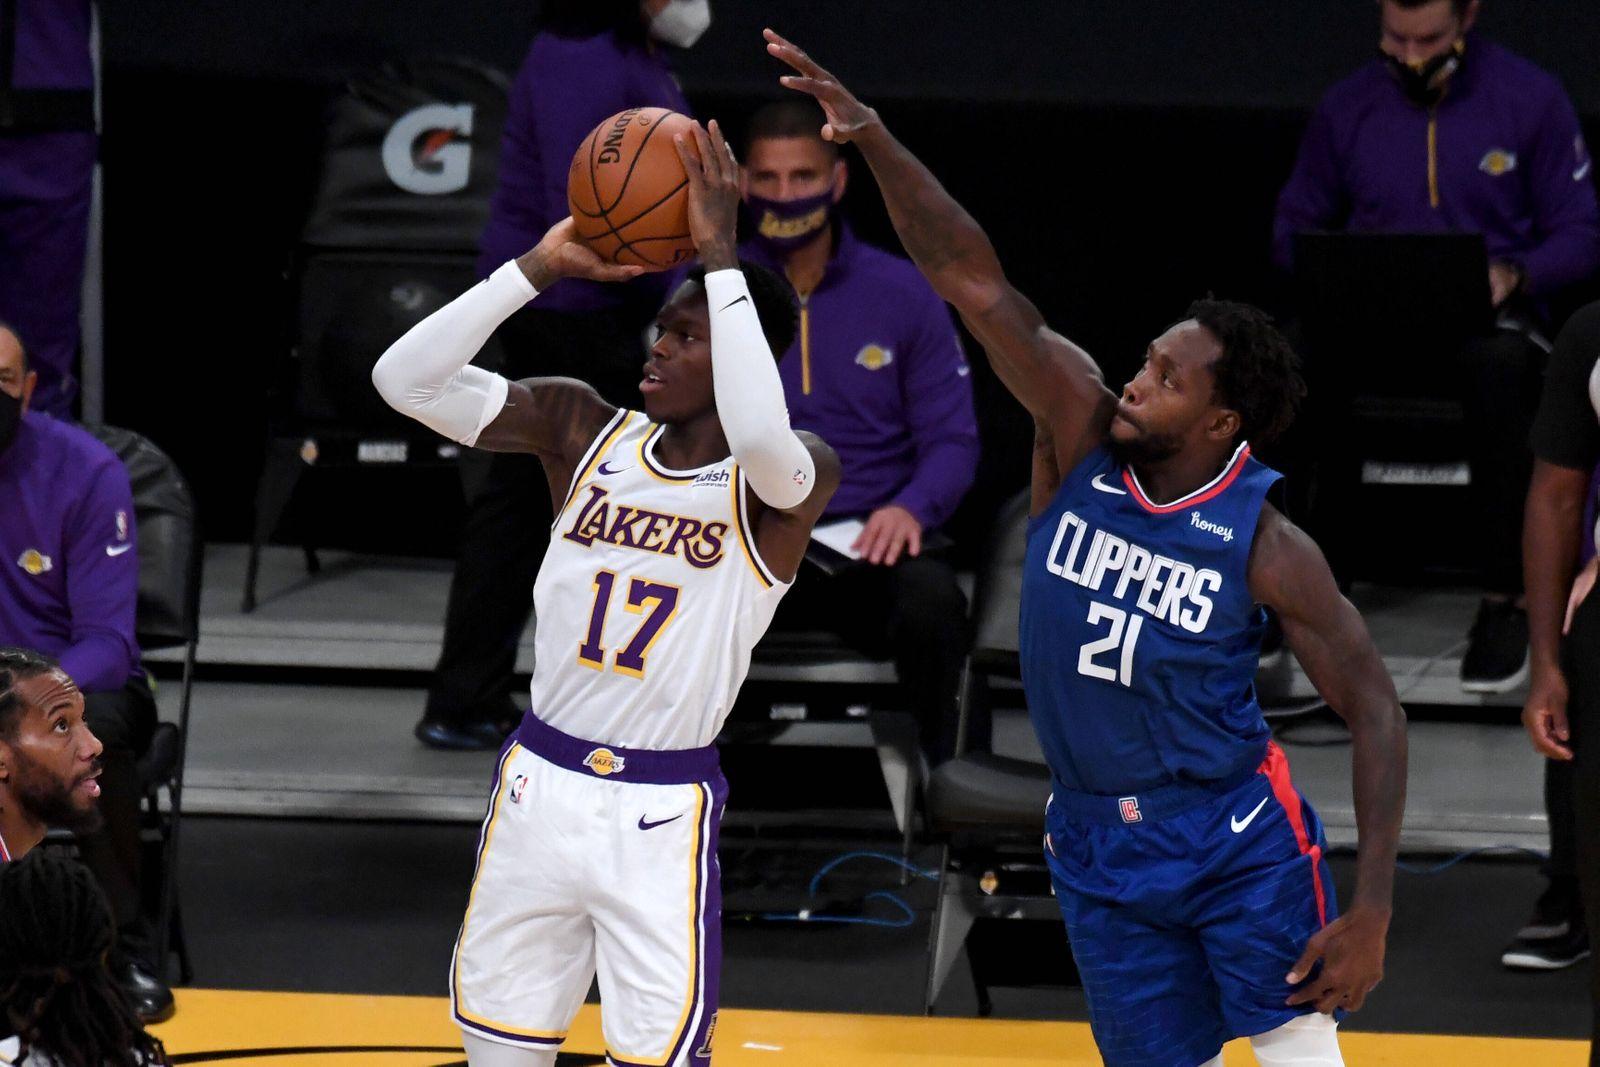 Sport Themen der Woche KW50 Sport Bilder des Tages December 11, 2020, Los Angeles, California, USA: The Lakers Dennis Sc